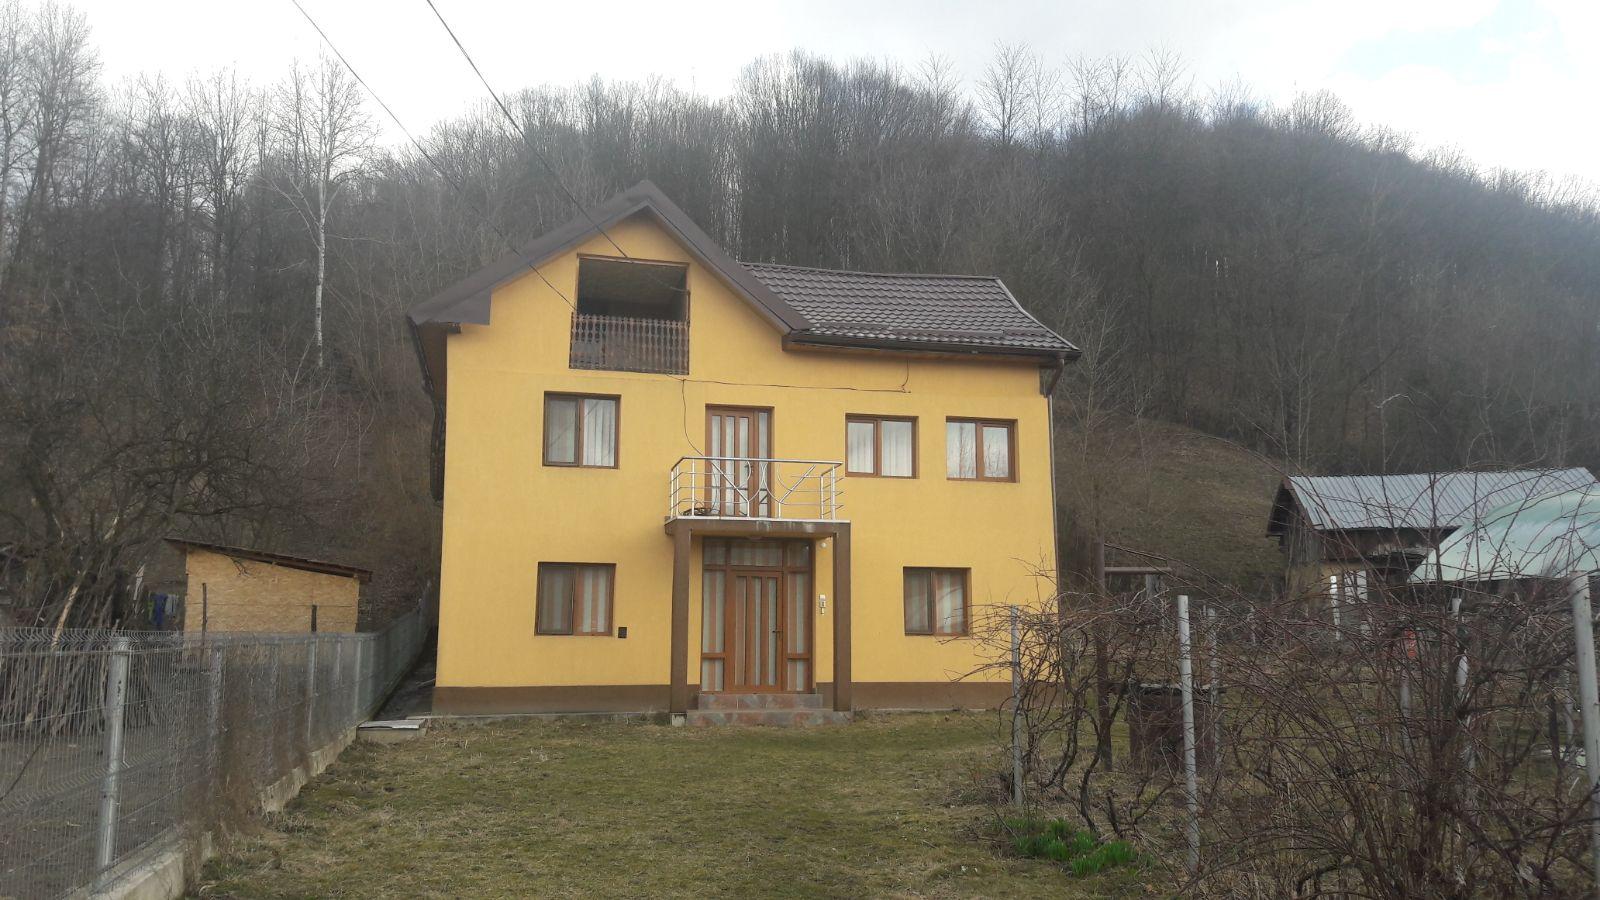 Vanzare casa/vila comuna Valea Lungă Dambovita